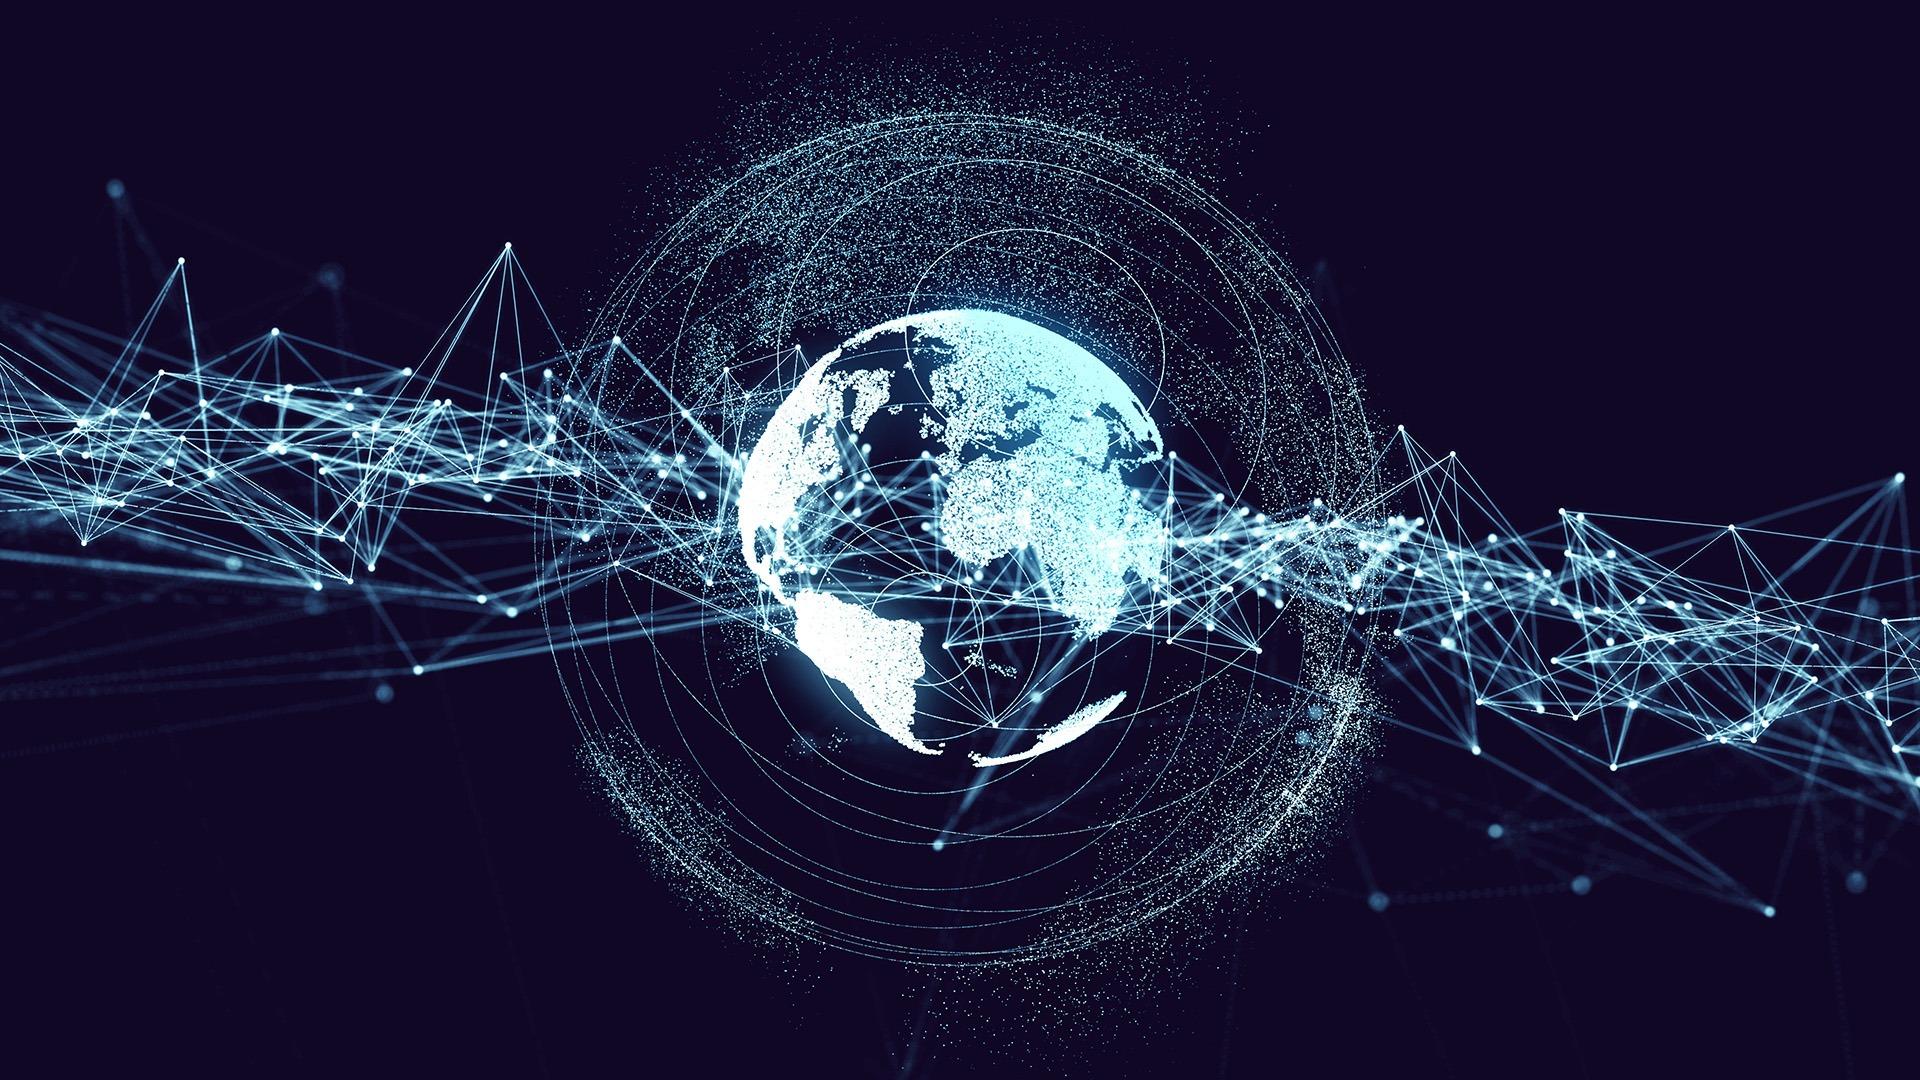 Що кажуть експерти: 9 важливих фактів про цифровізацію бізнесу | Kyivstar Business Hub зображення №1